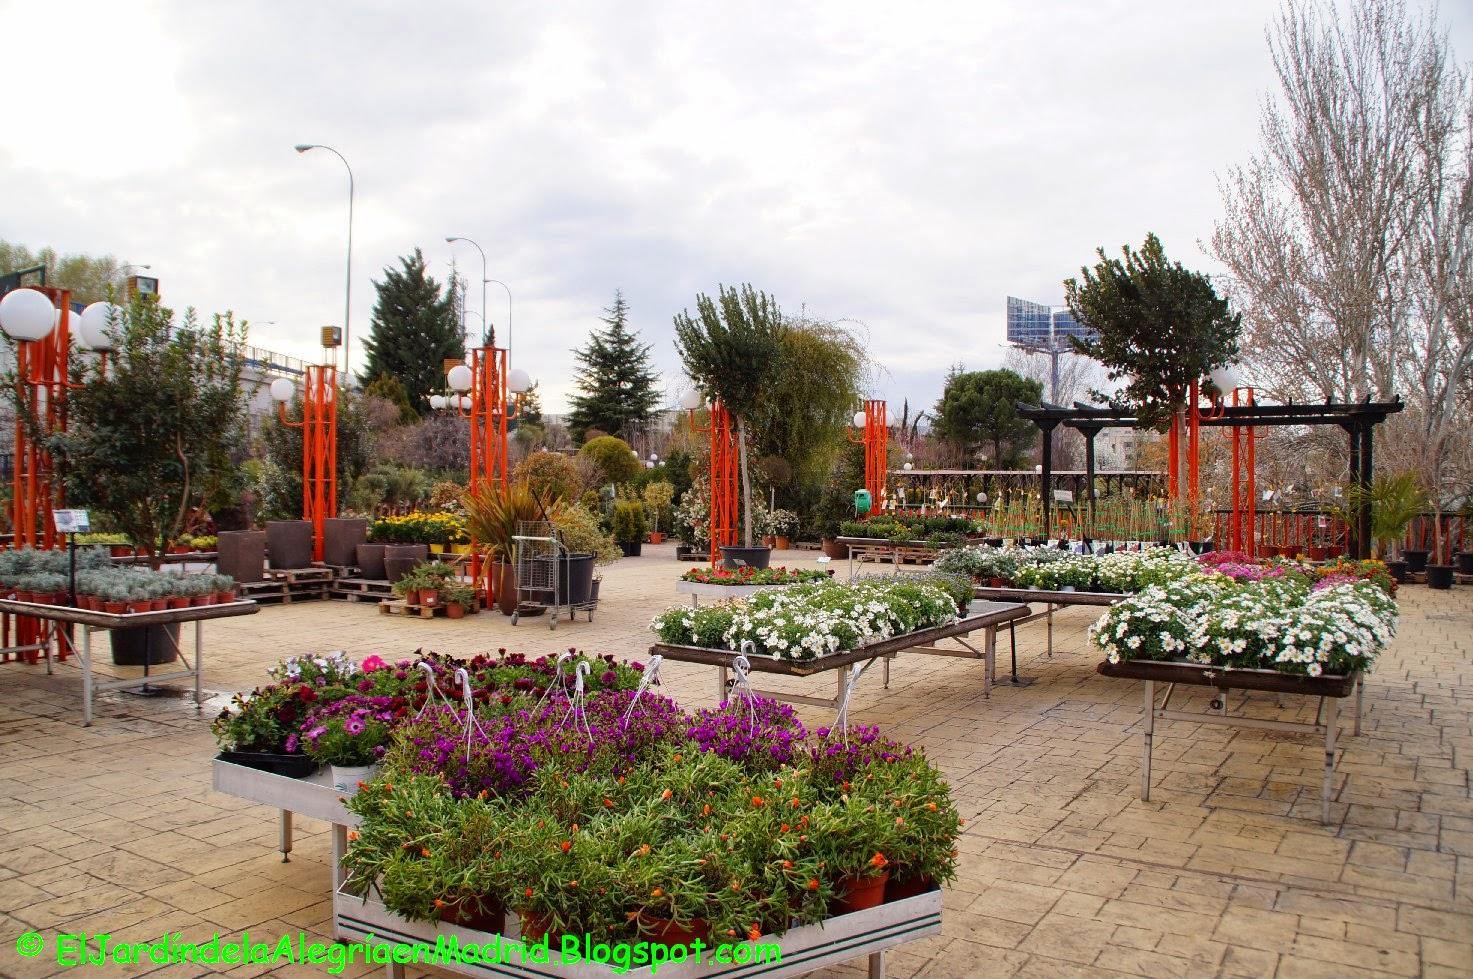 El jard n de la alegr a los pe otes un gran centro de - Centro de jardineria madrid ...